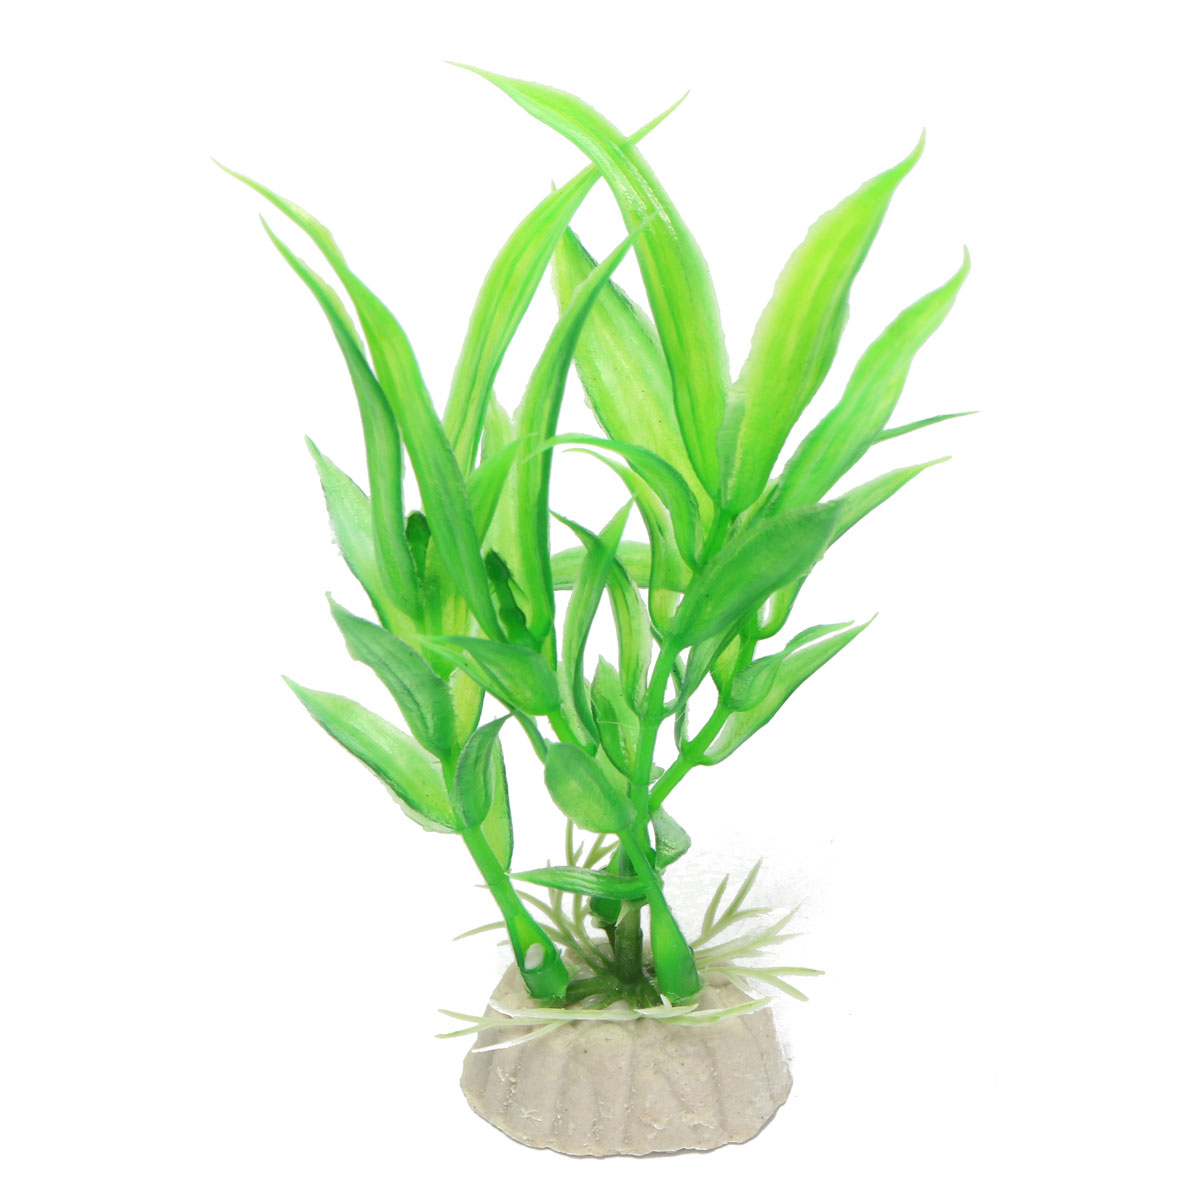 Aquatic Plants Canada